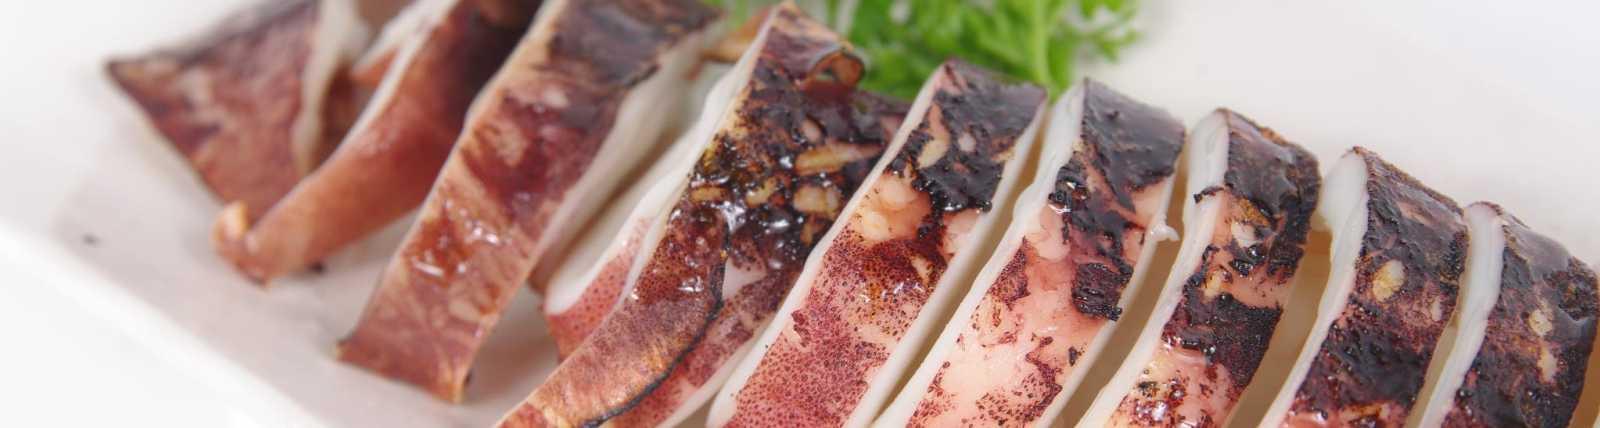 Miyabi_Sushi-15.jpg